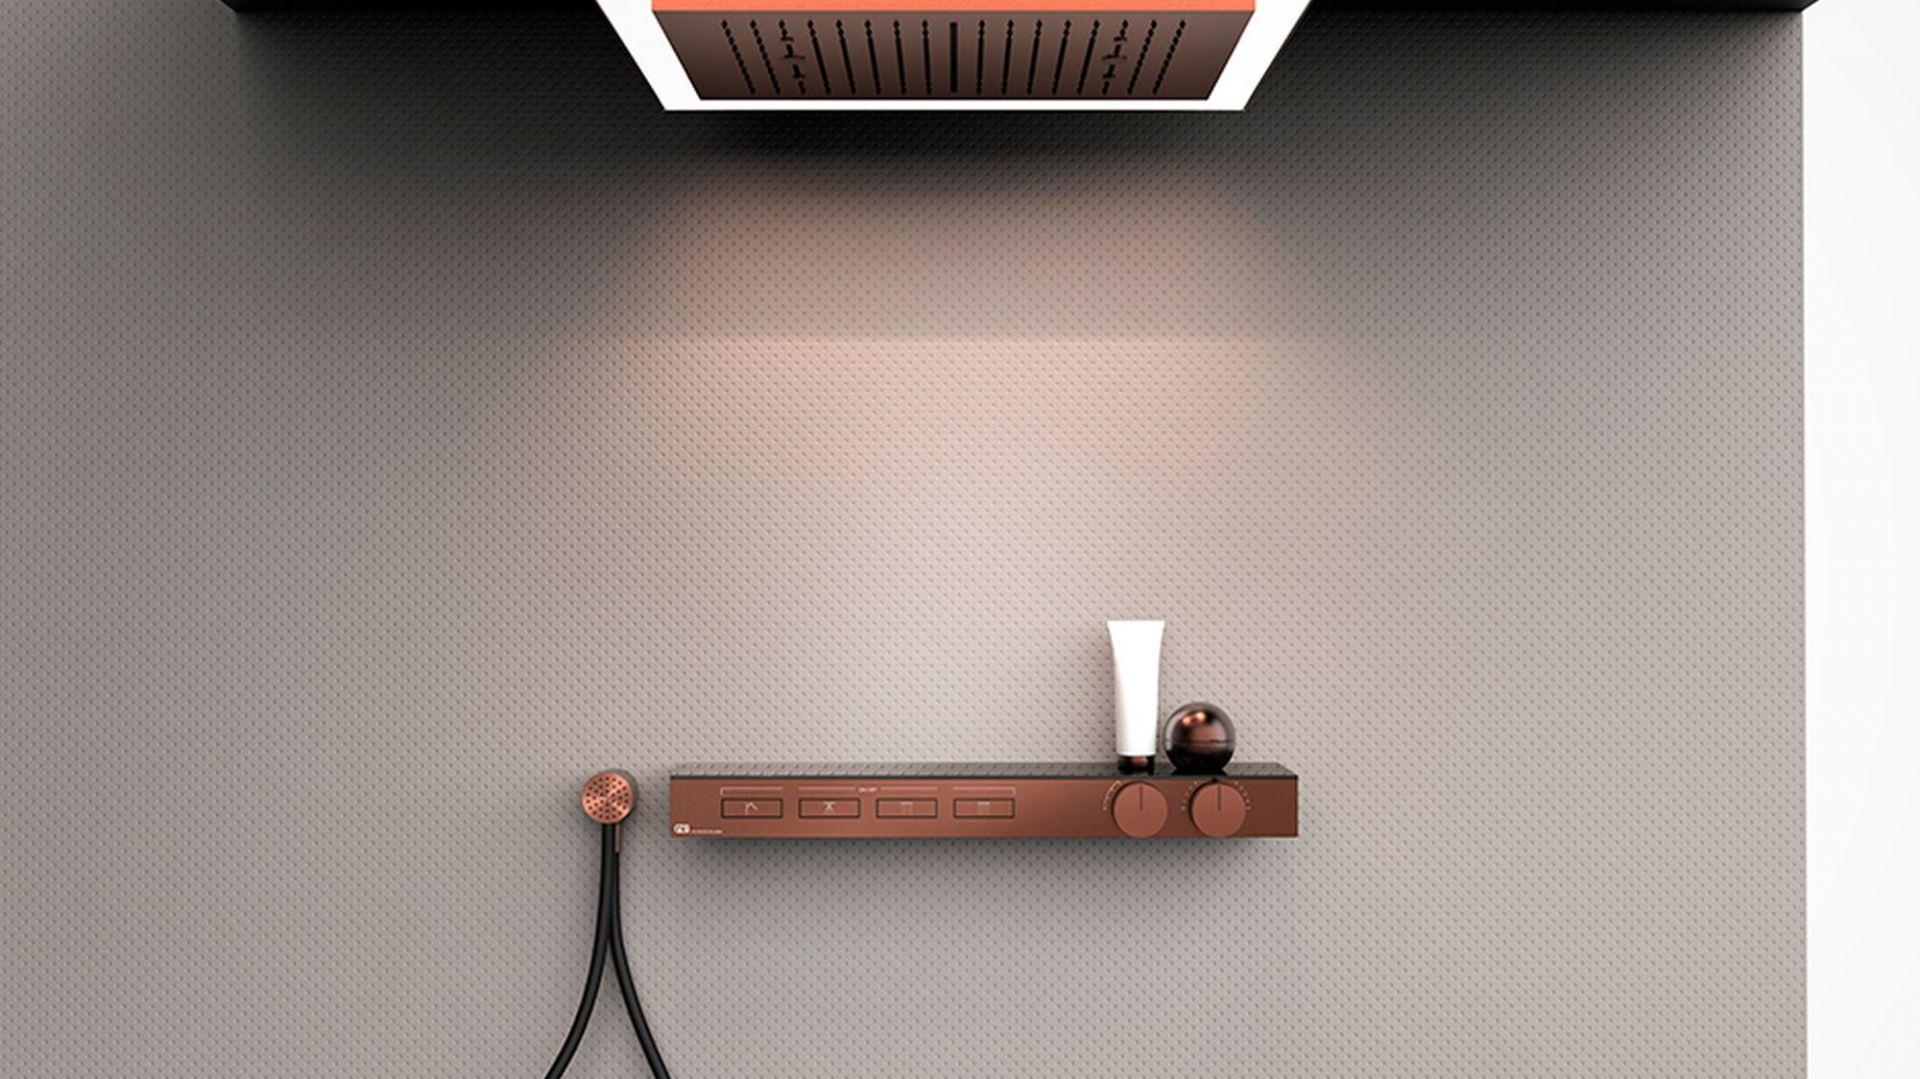 Seria HI-FI, inspirowana wzornictwem i sposobem obsługi systemów stereo, to prawdziwa gratka dla wielbiciel niebanalnego designu i… miłośników muzyki. Fot. Gessi